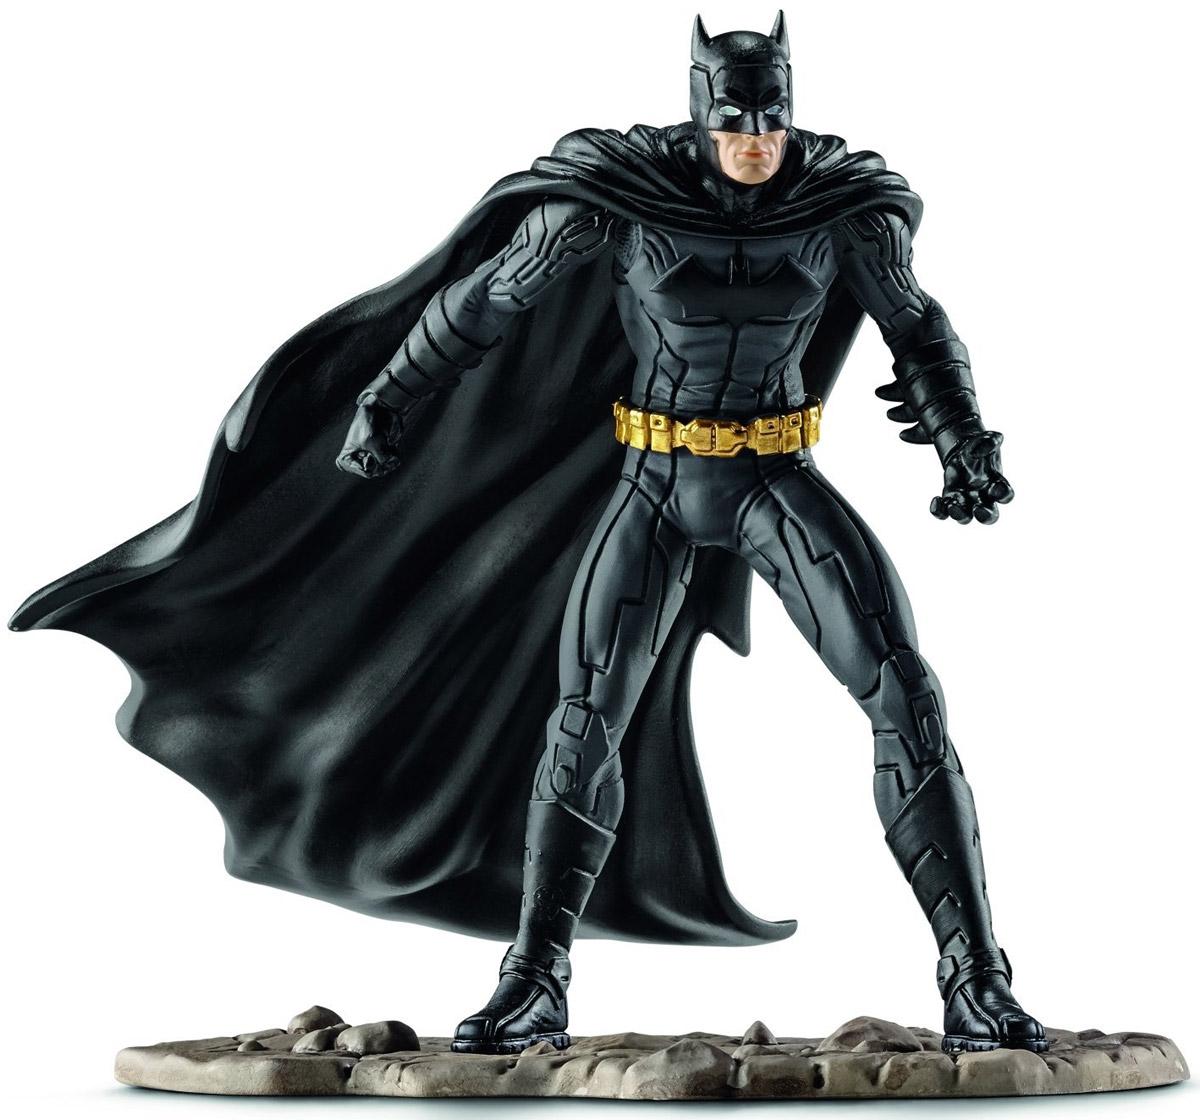 Schleich Фигурка Бэтмен сражается22502Фигурка Schleich Бэтмен сражается станет прекрасным подарком для вашего ребенка. Великолепно детализированная фигурка супергероя изготовлена из каучукового пластика. Такая фигурка непременно понравится вашему ребенку, а также привлечет внимание взрослых коллекционеров, и станет замечательным украшением любой коллекции. Восхитительная фигурка сделает игры в супергероев еще увлекательнее и интереснее! У игрушки есть широкое основание, благодаря которому она прочно стоит на различных поверхностях. Бэтмен вновь готов спасти Готэм Сити! Для этого он облачился в свой черный облегающий костюм, набросил на плечи плащ и надел на лицо маску для того, чтобы никто не смог узнать его. В своем прекрасном облачении он спешит на помощь жителям города Готэм.